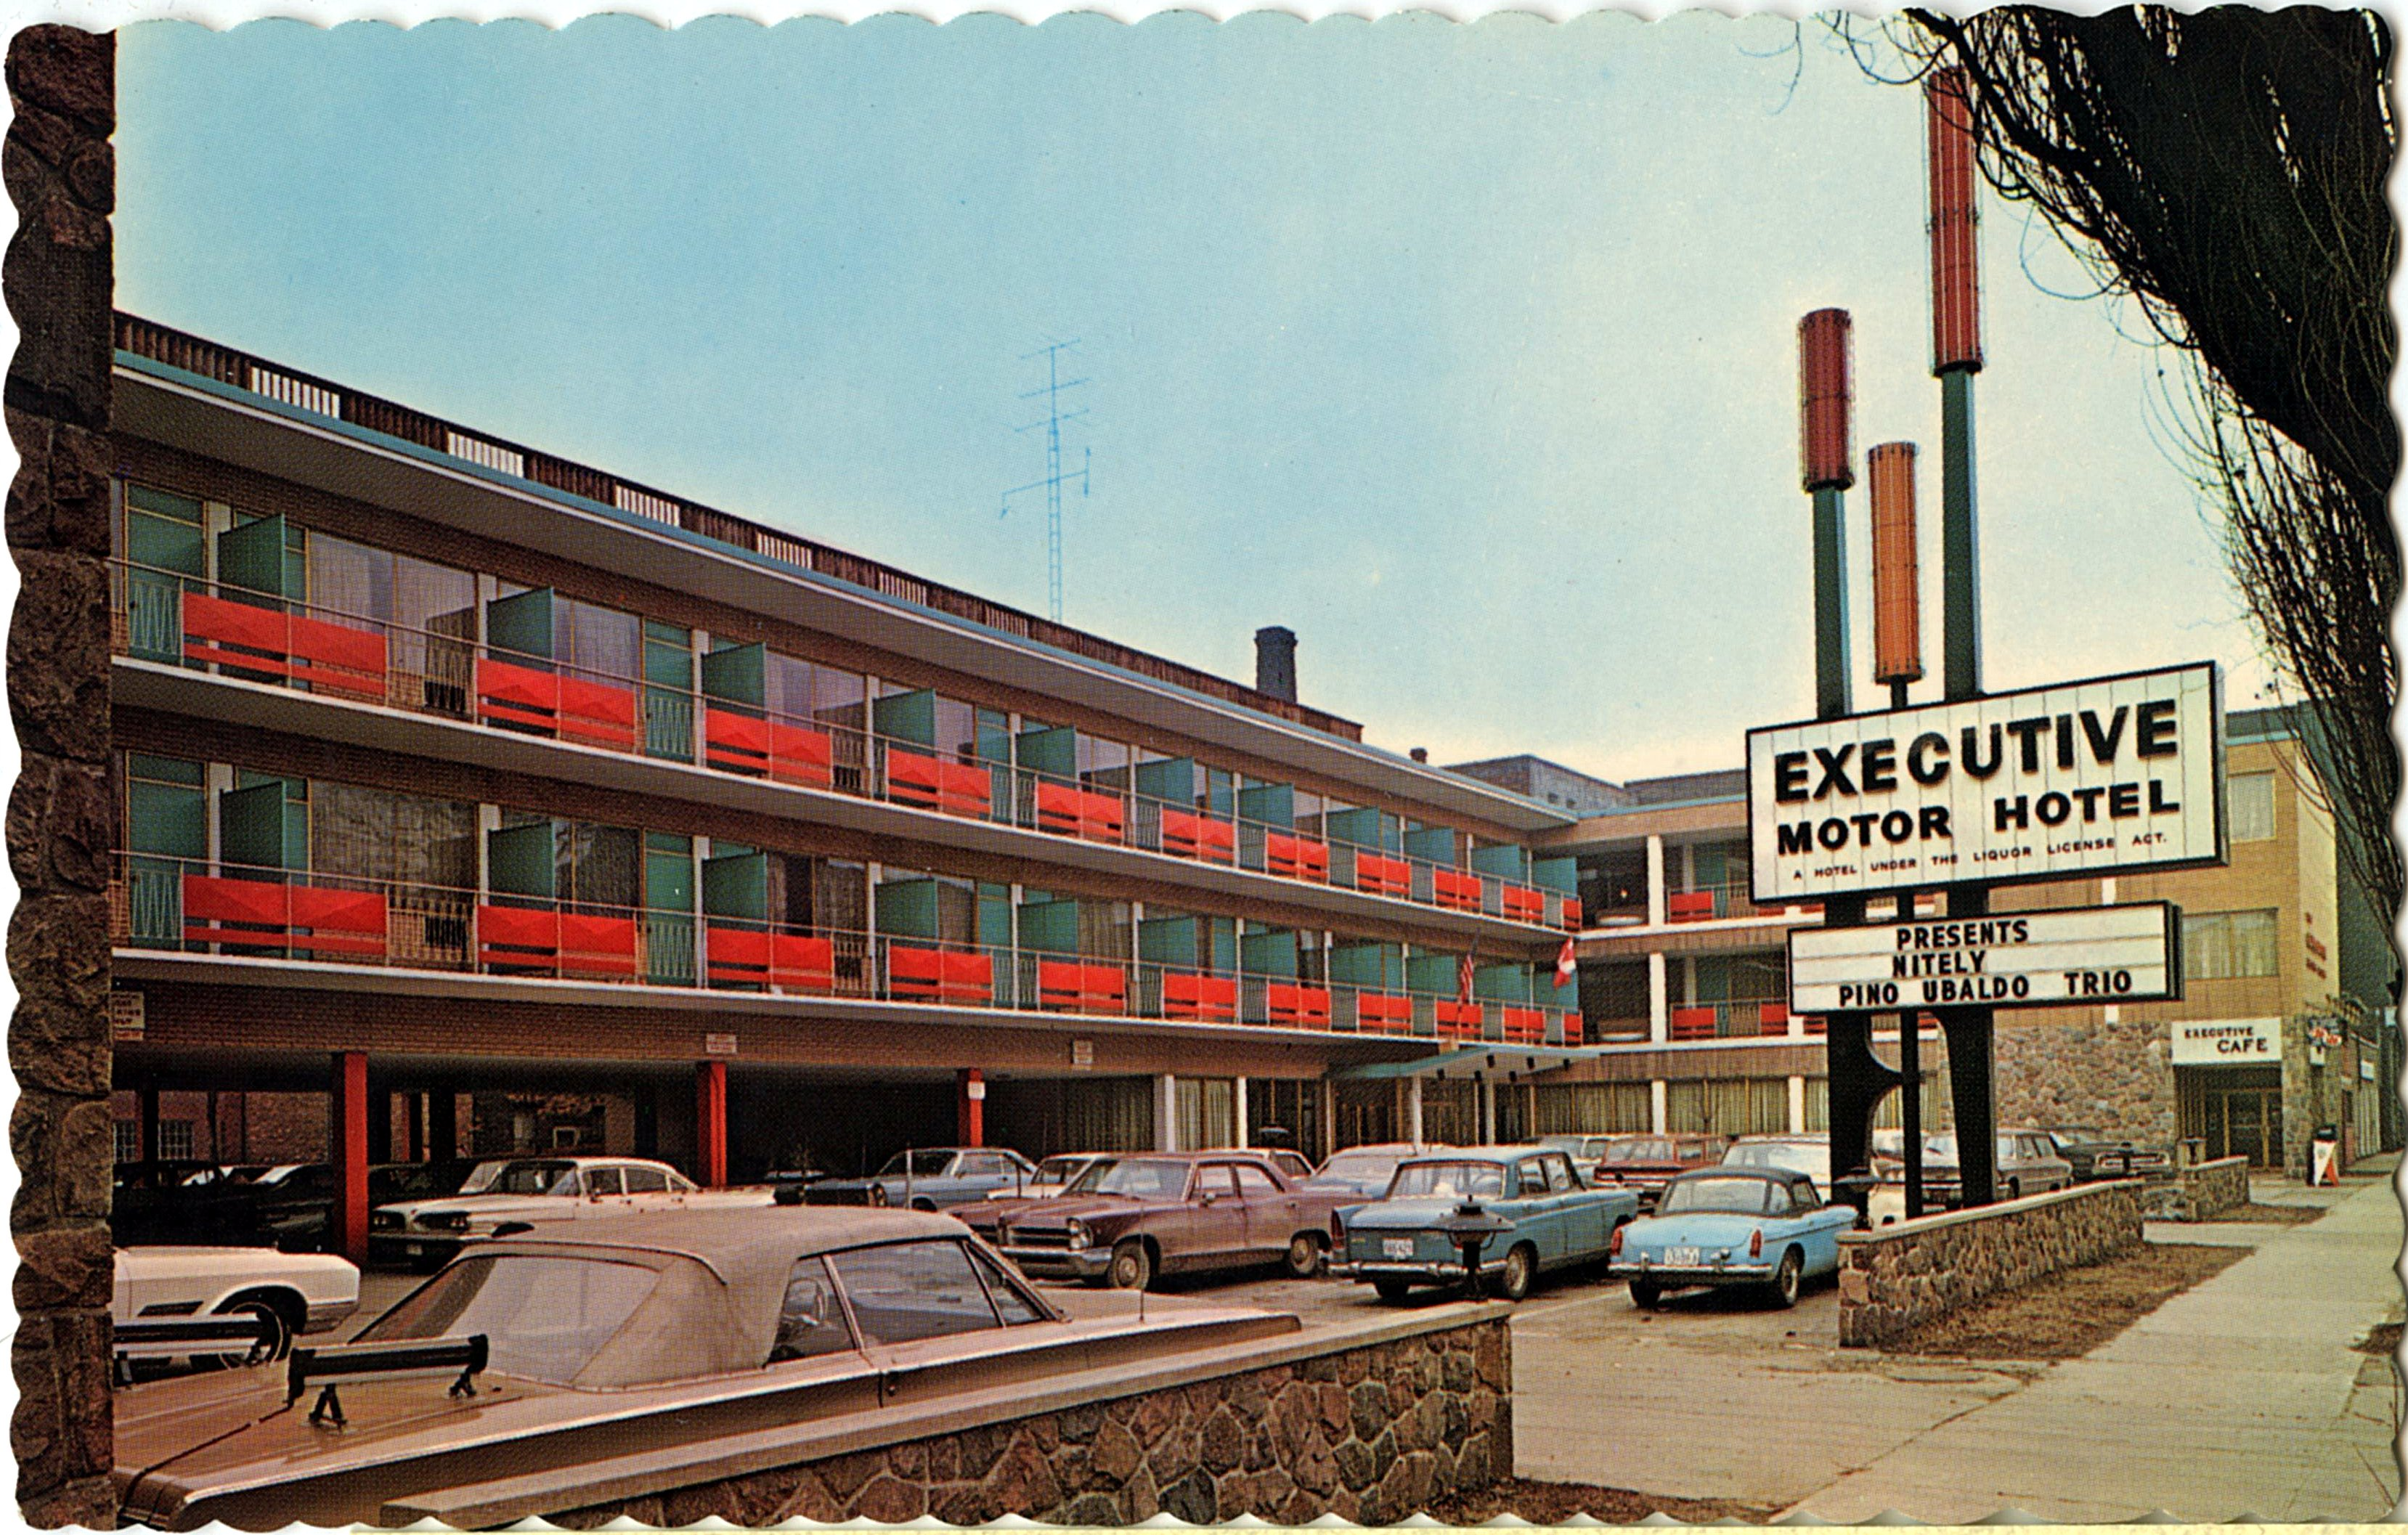 Executive Motor Hotel - Toronto, Ontario, Canada - 1960's